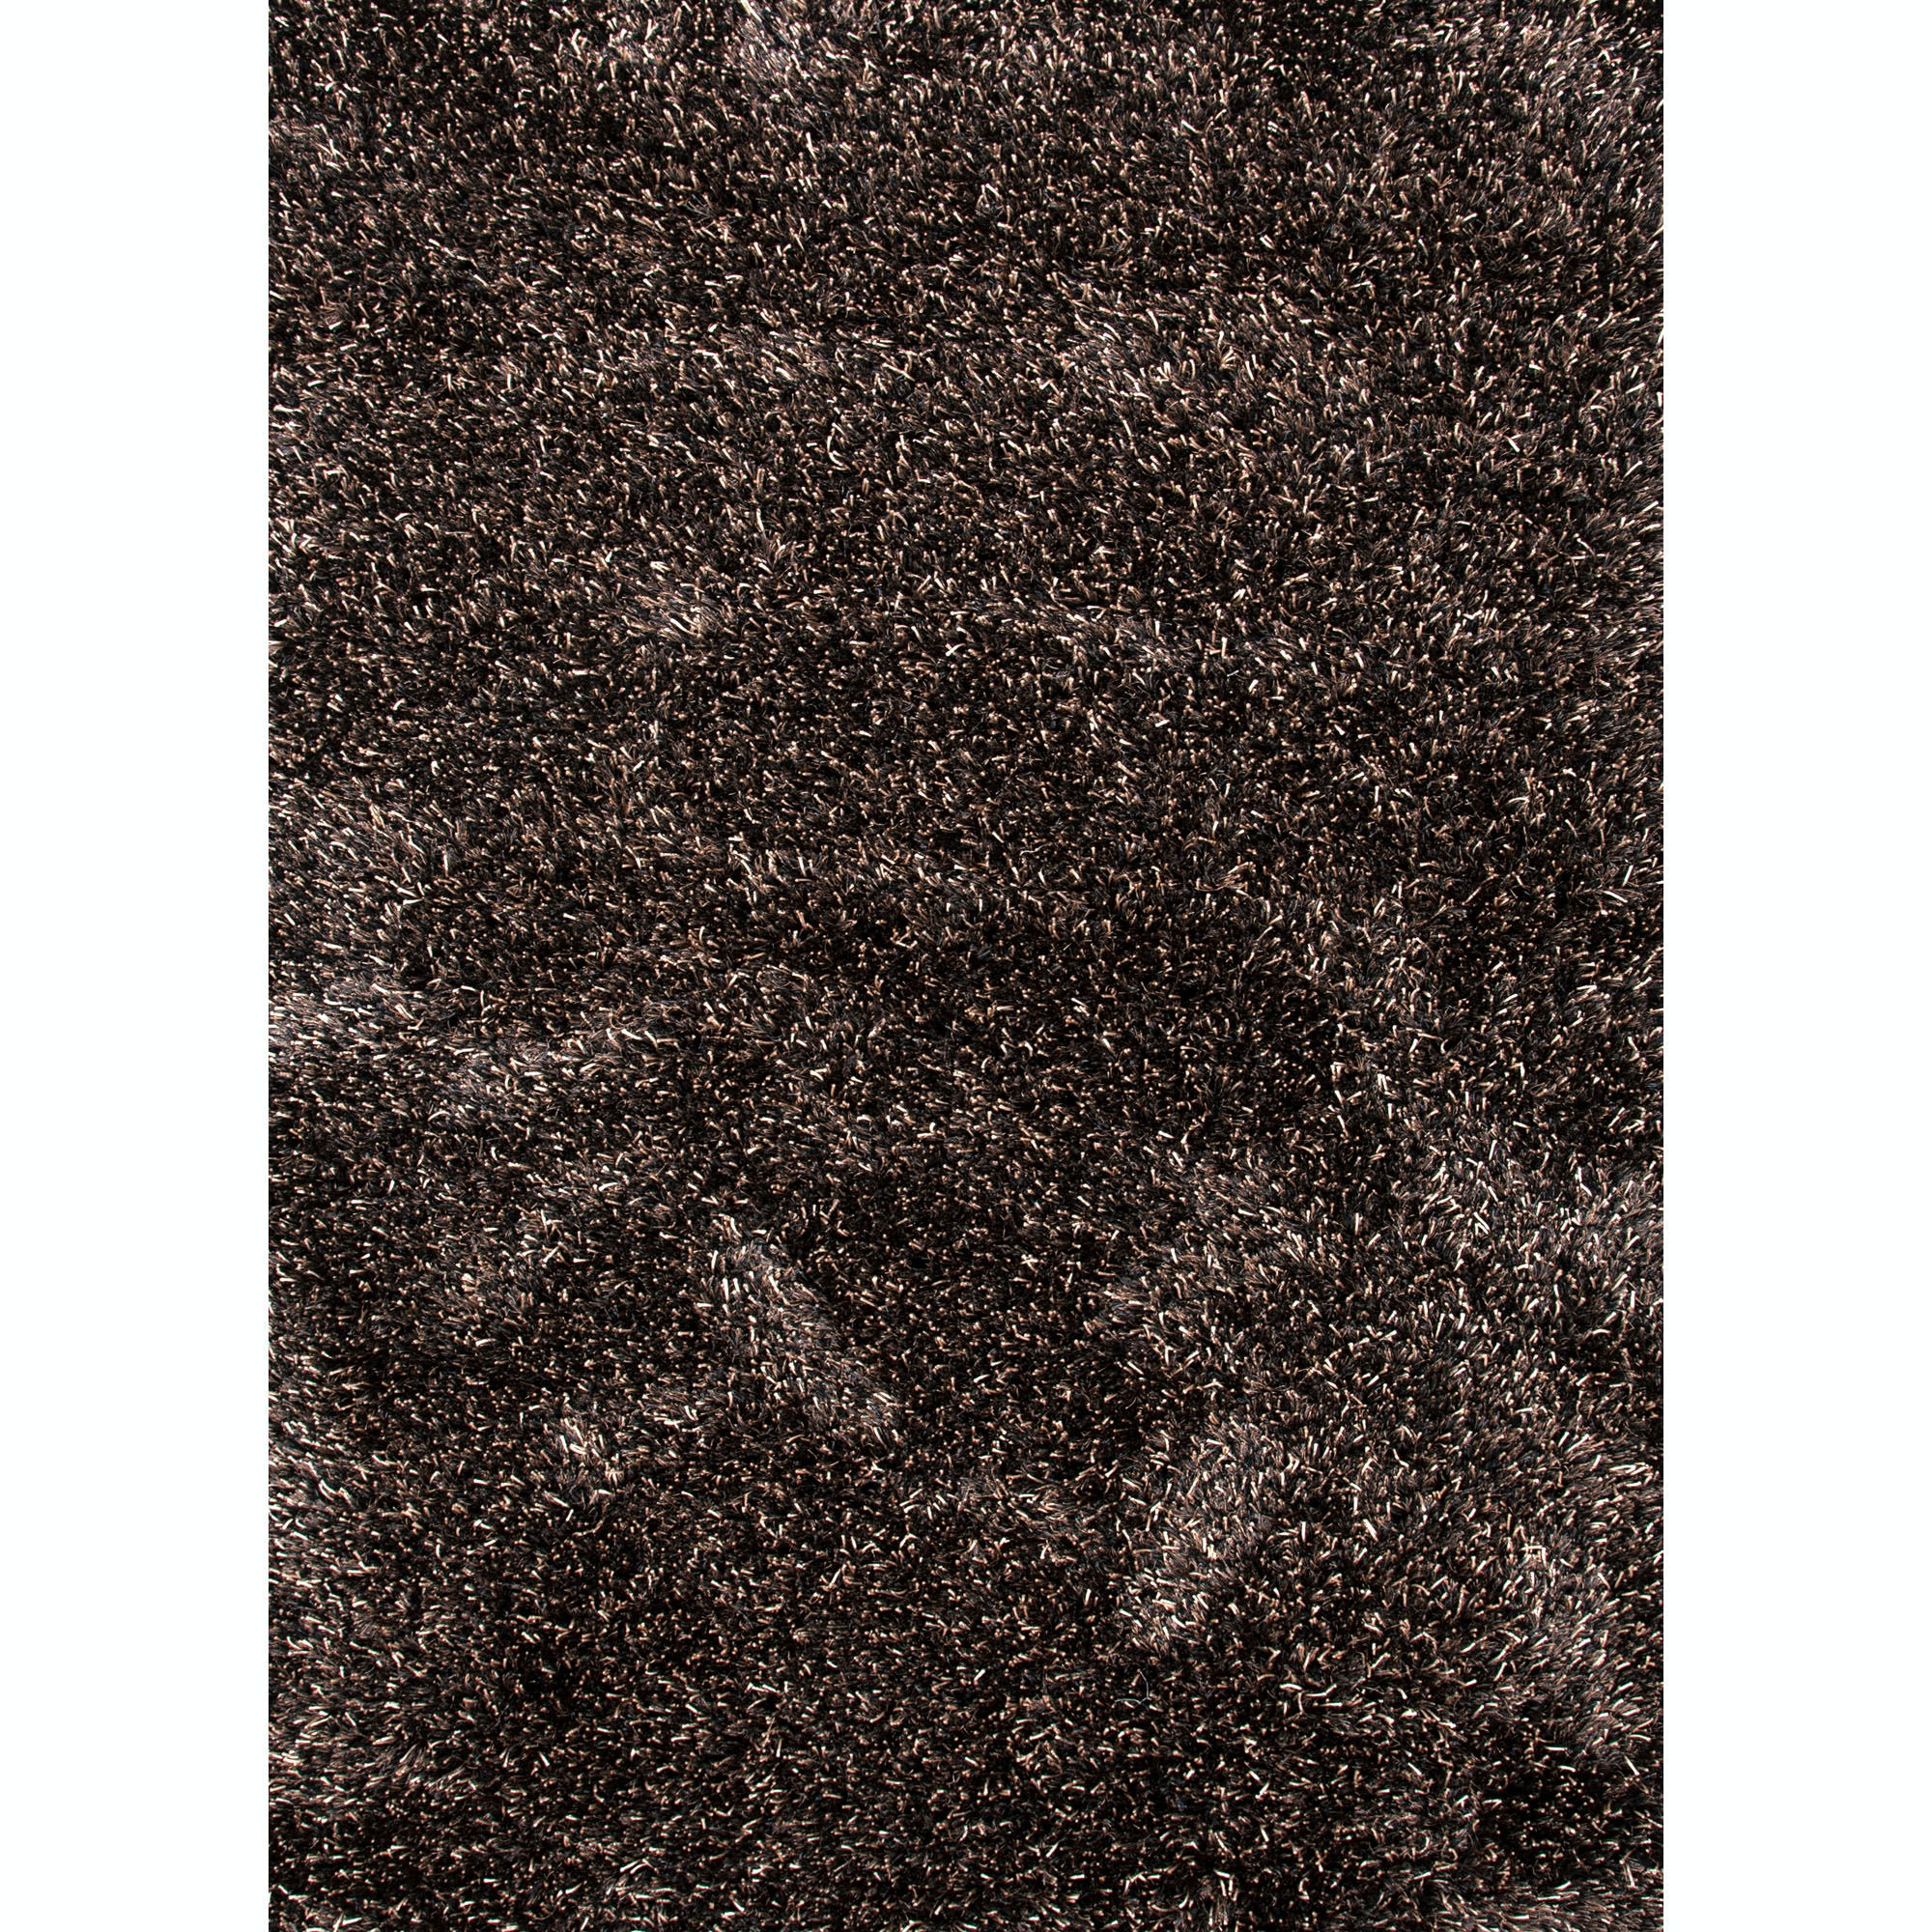 Jaipur Rugs Floor Coverings Shag Solid Pattern Polyster Wool Black